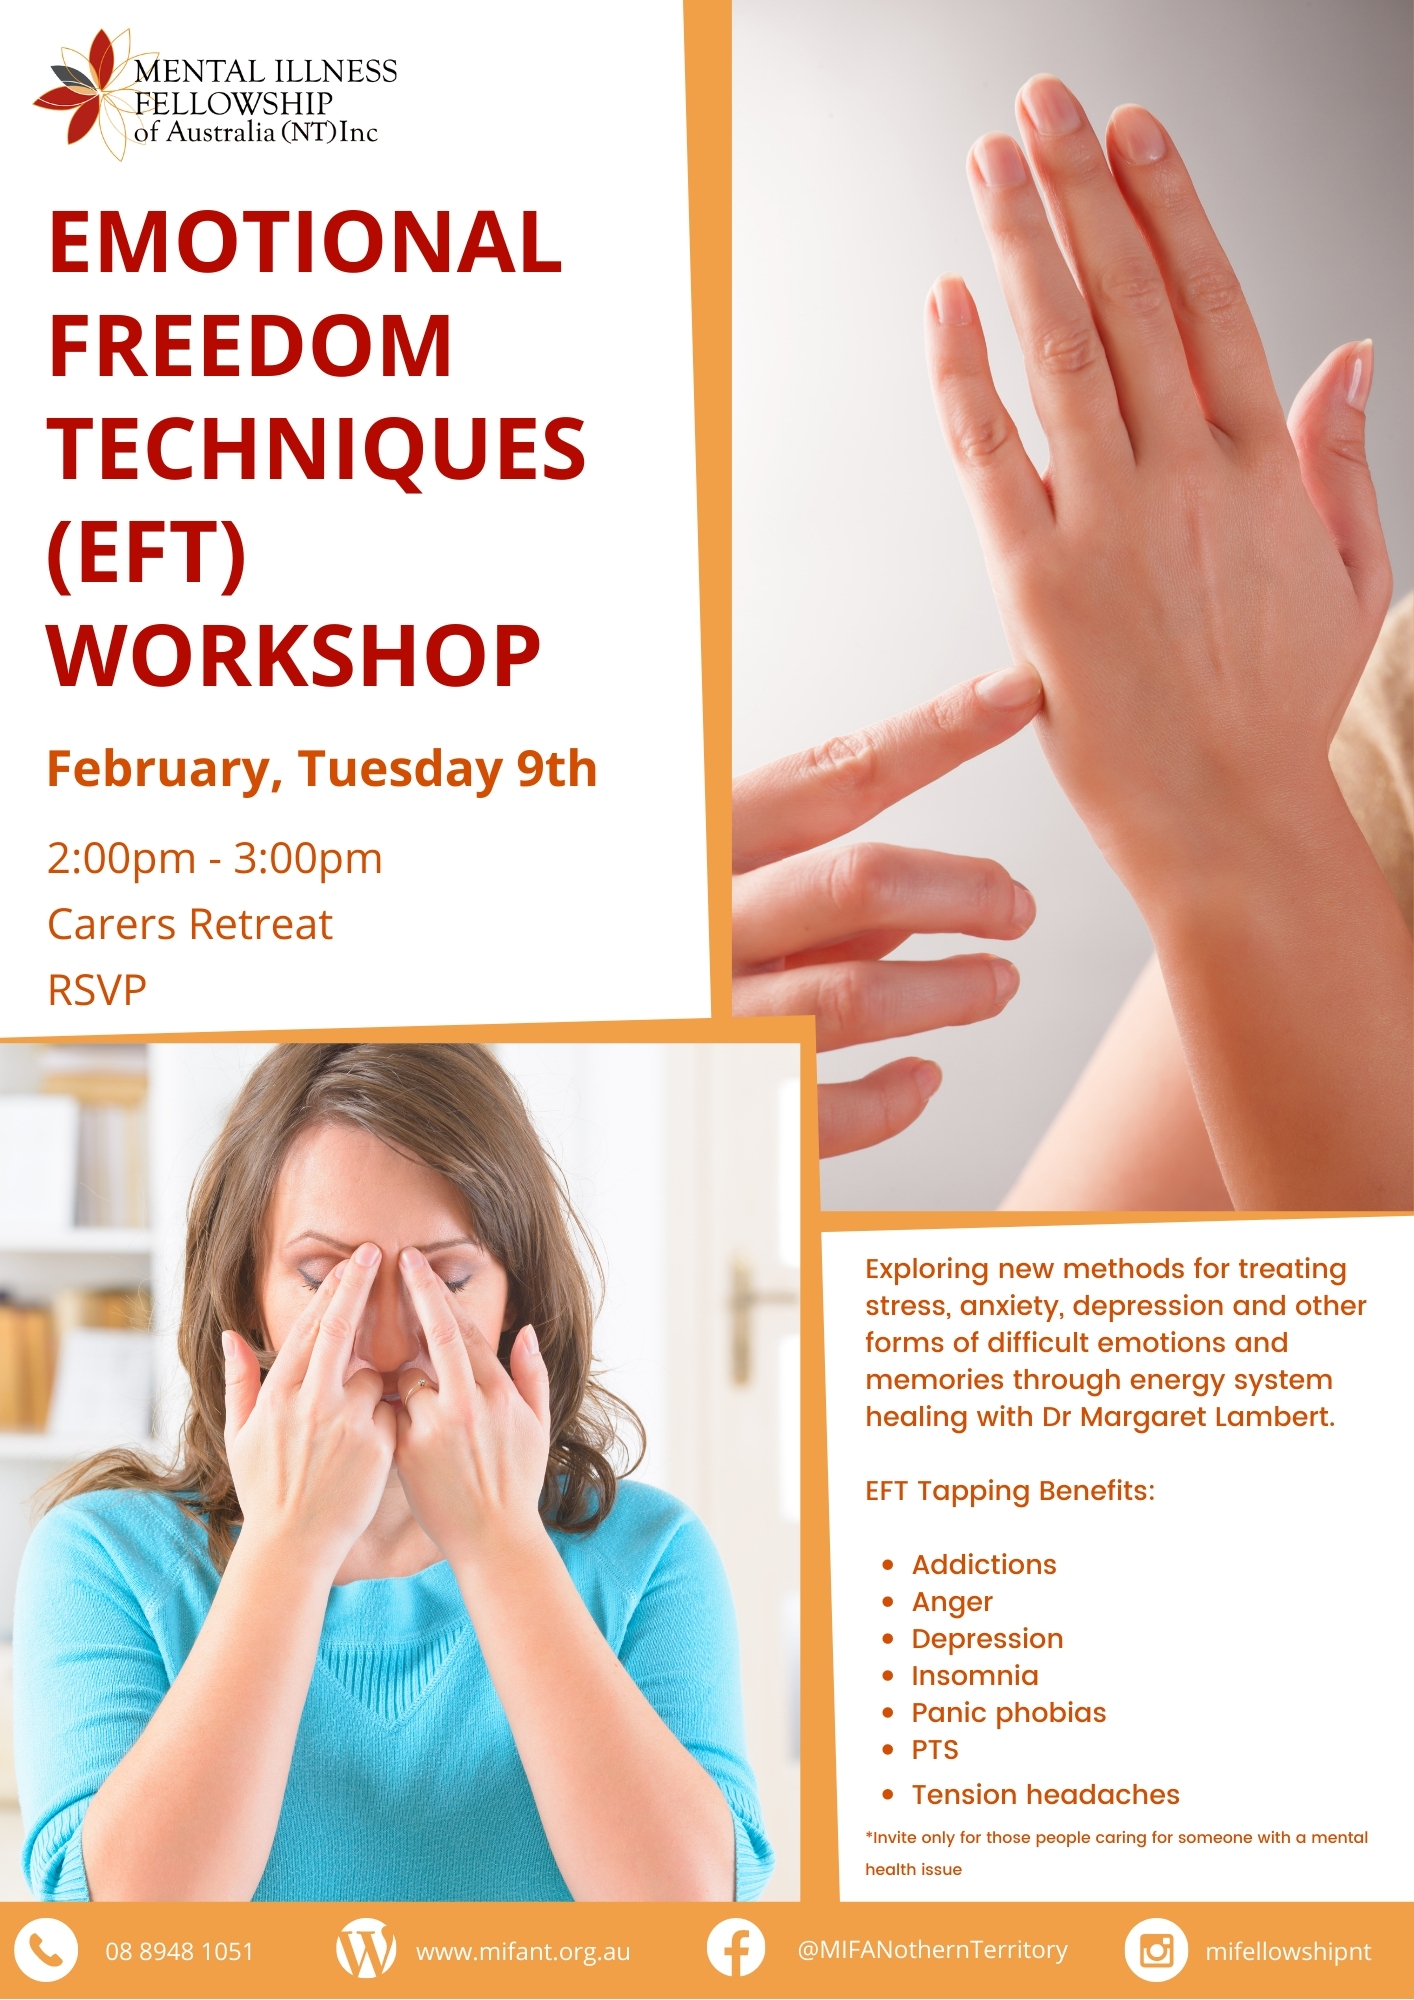 Emotional Freedom Techniques (EFT) workshop